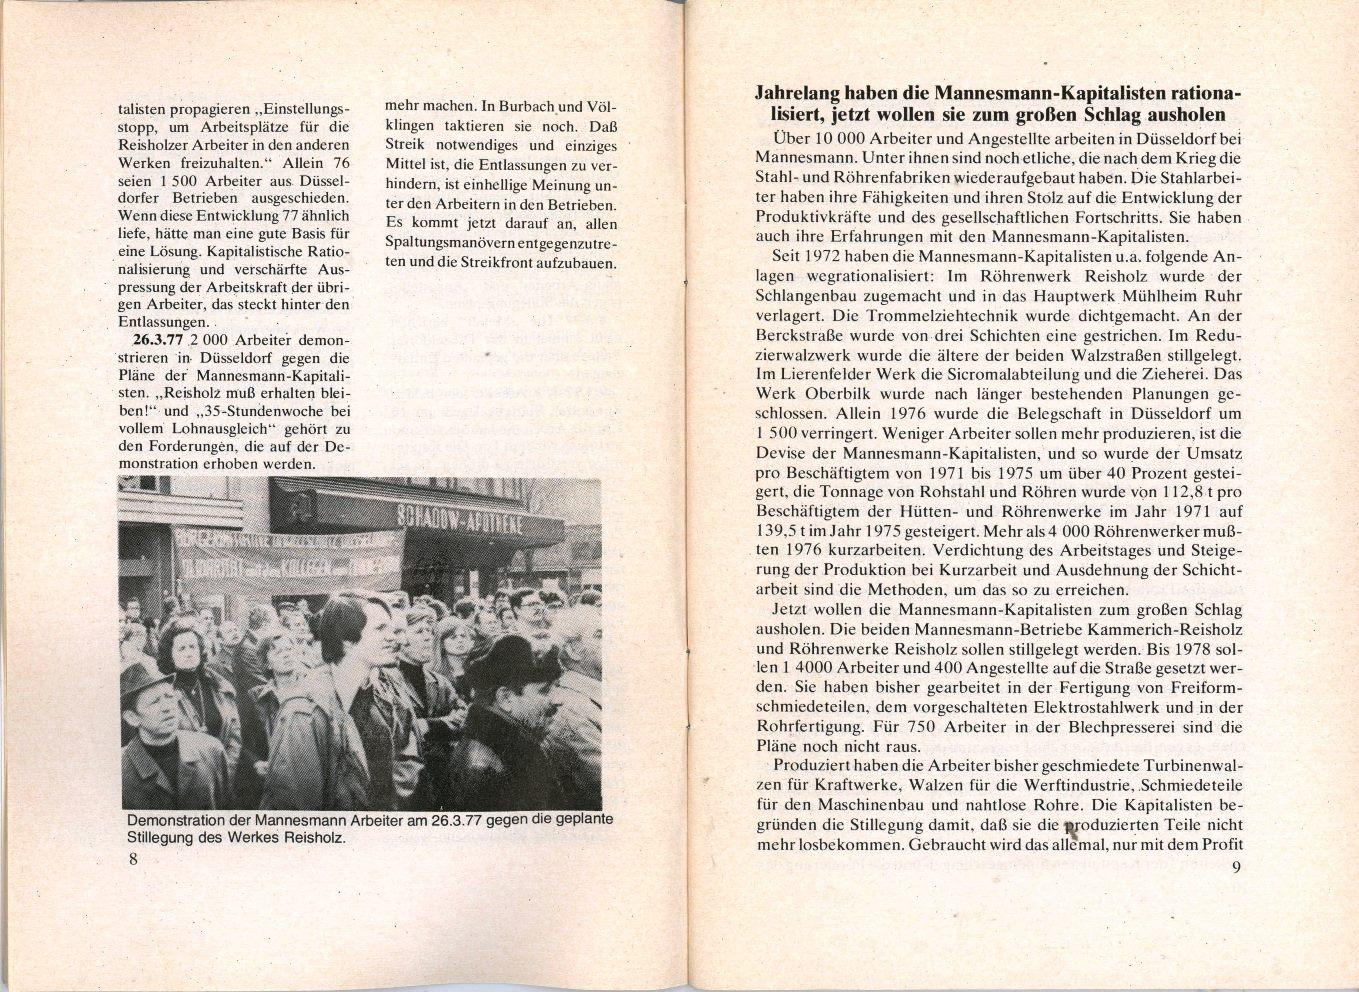 IGM_KBW_Krise_in_der_Stahlindustrie_1977_06